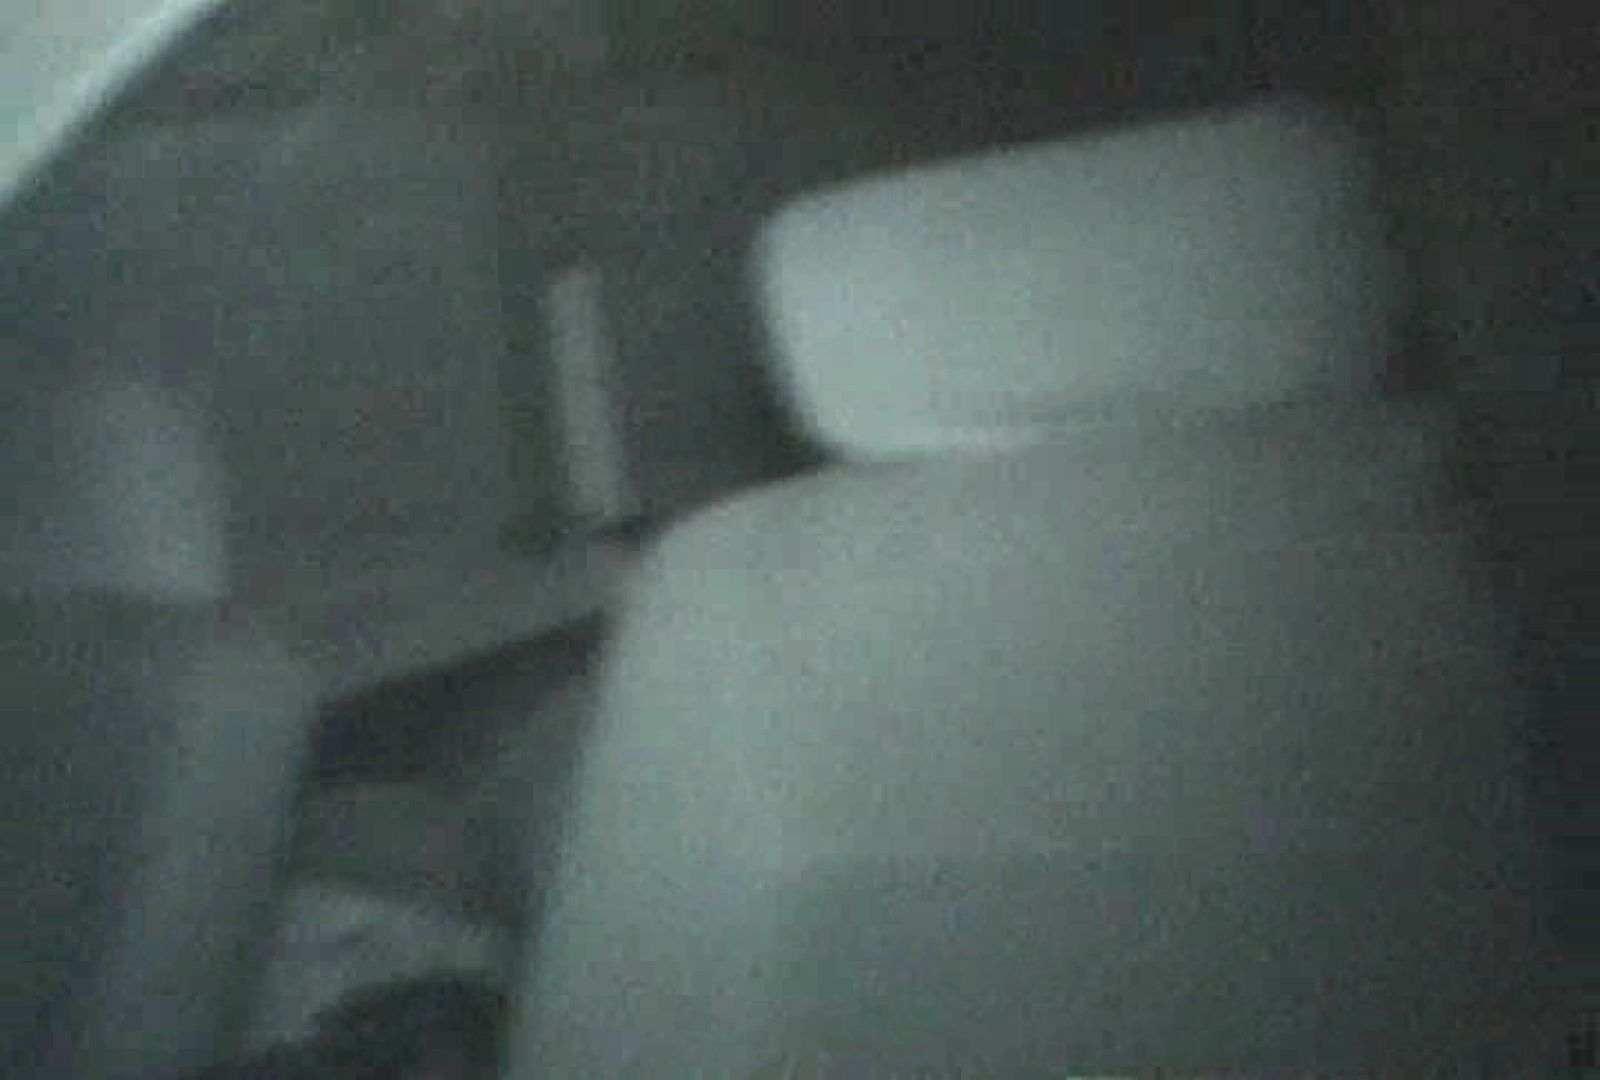 充血監督の深夜の運動会Vol.45 OLの実態 のぞき動画画像 55pic 44